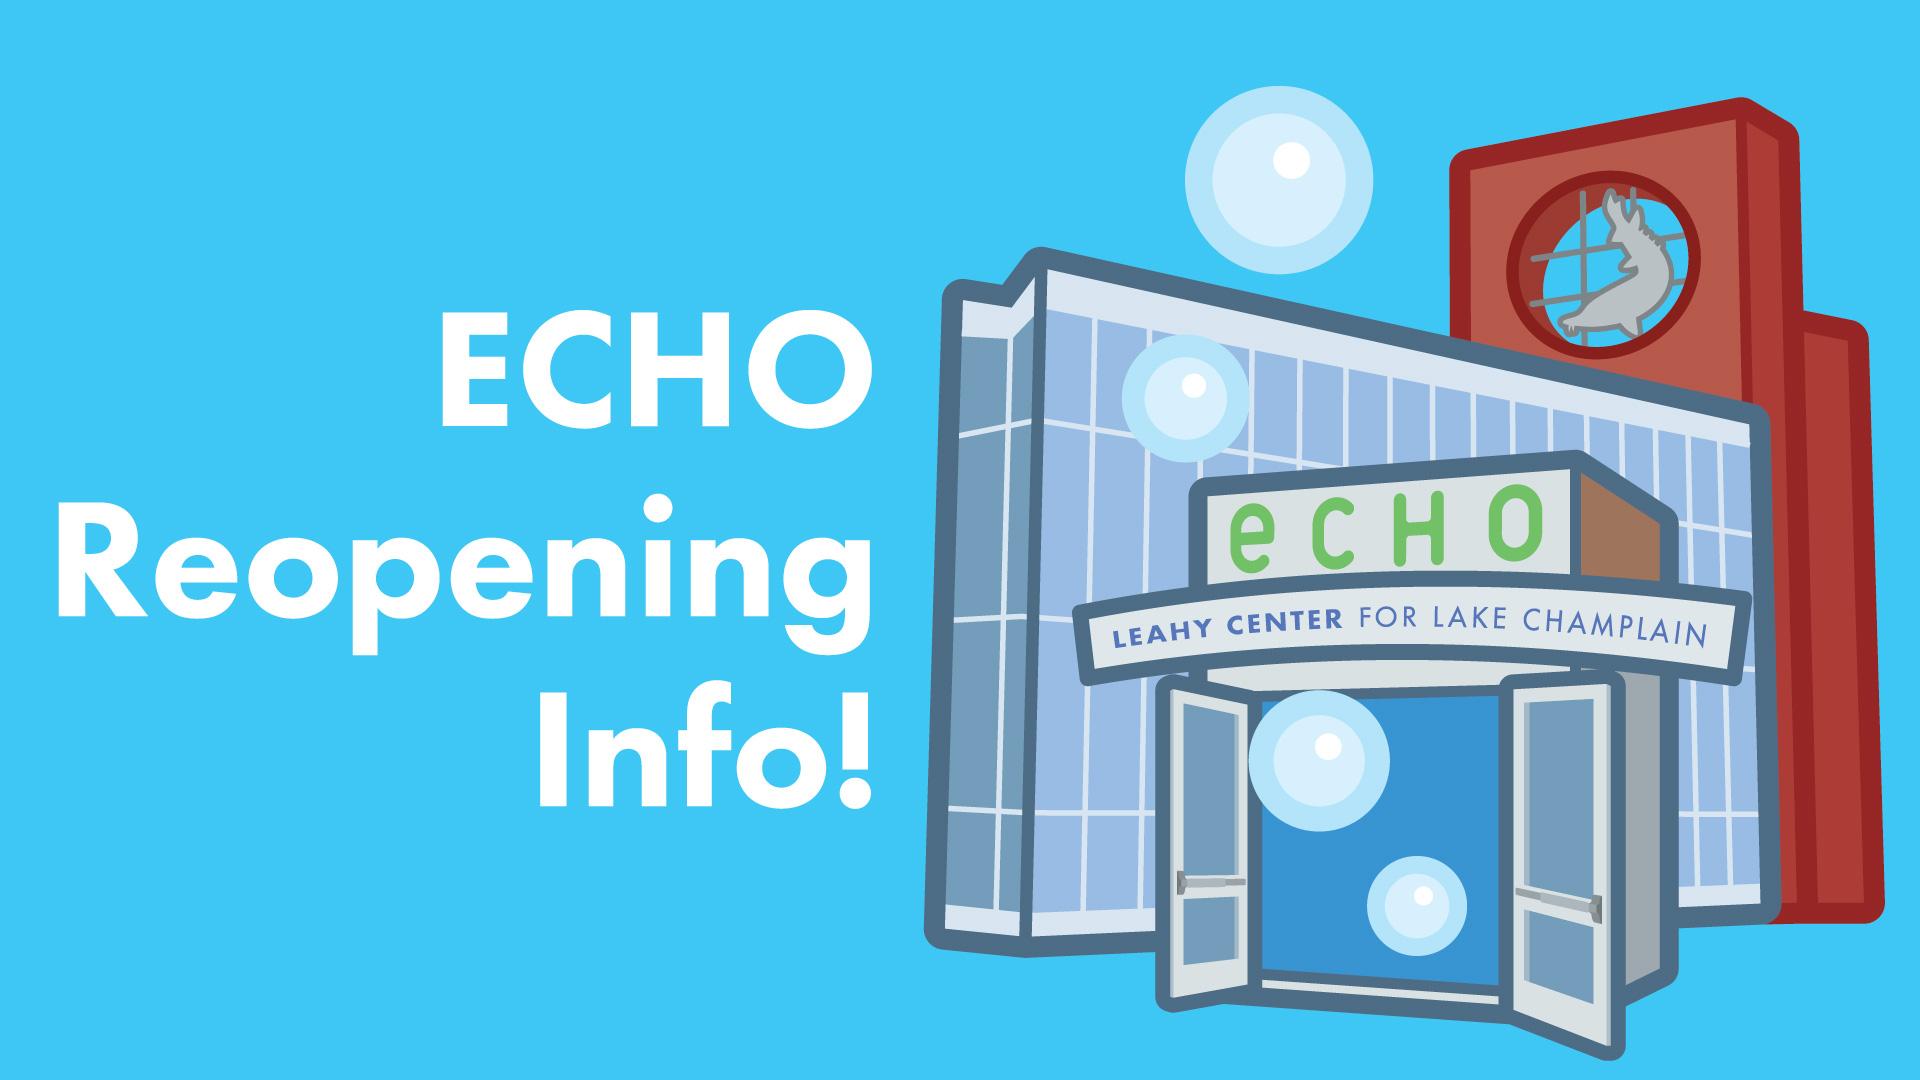 ECHO's building with doors open